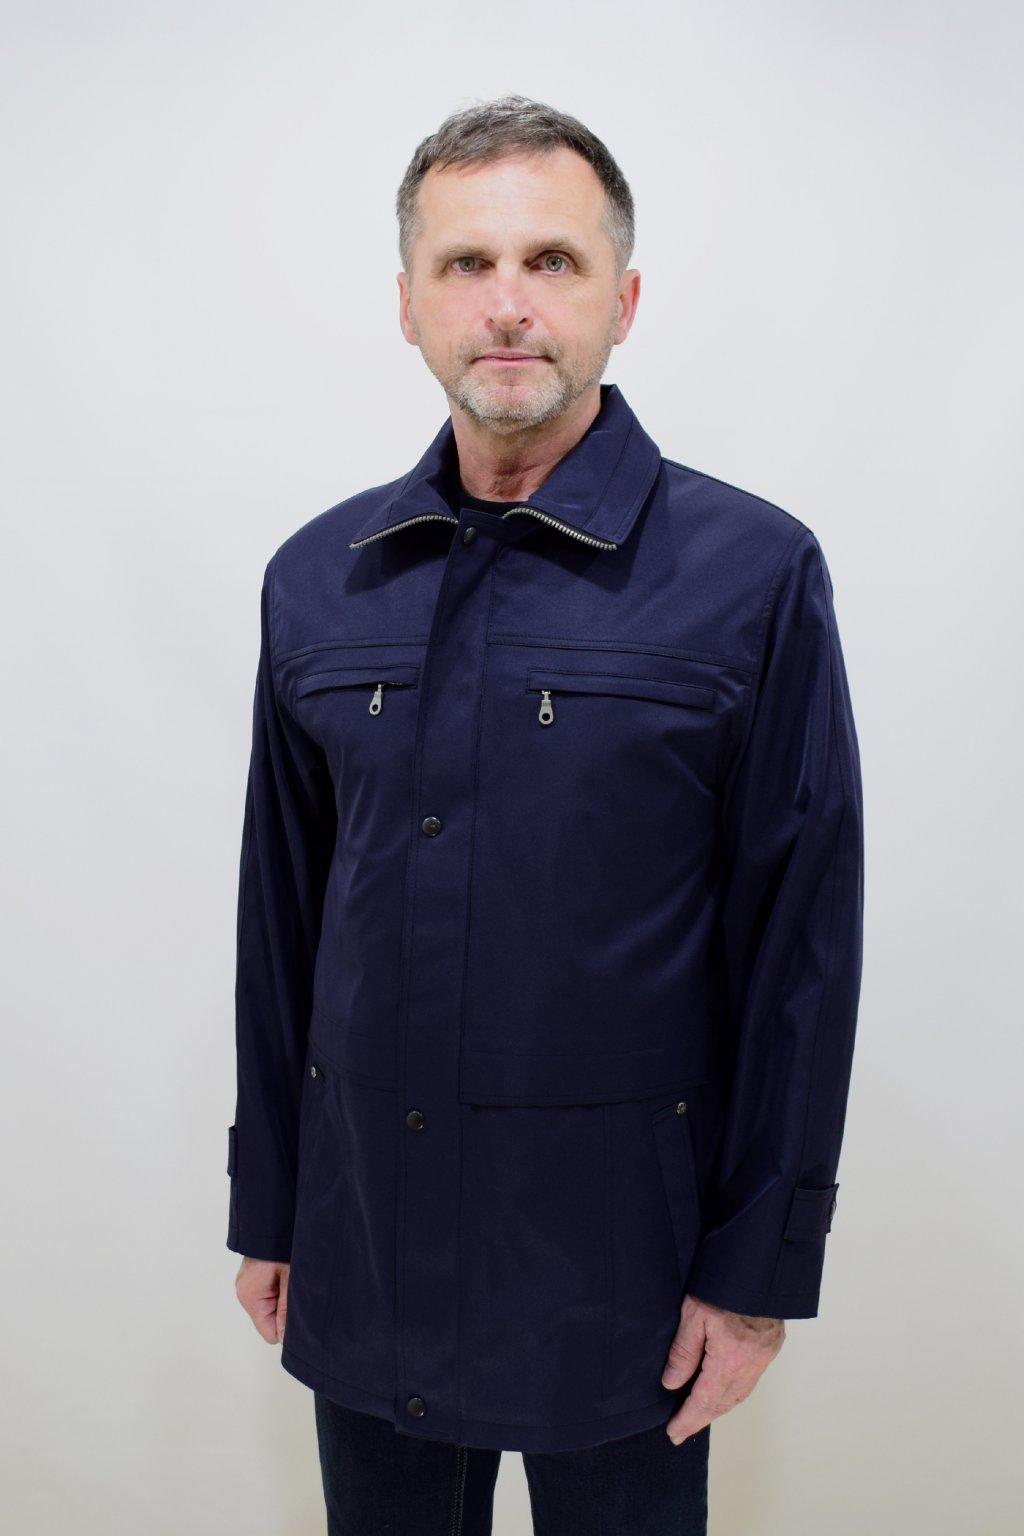 Pánská tmavě modrá jarní bunda Aleš nadměrné velikosti.